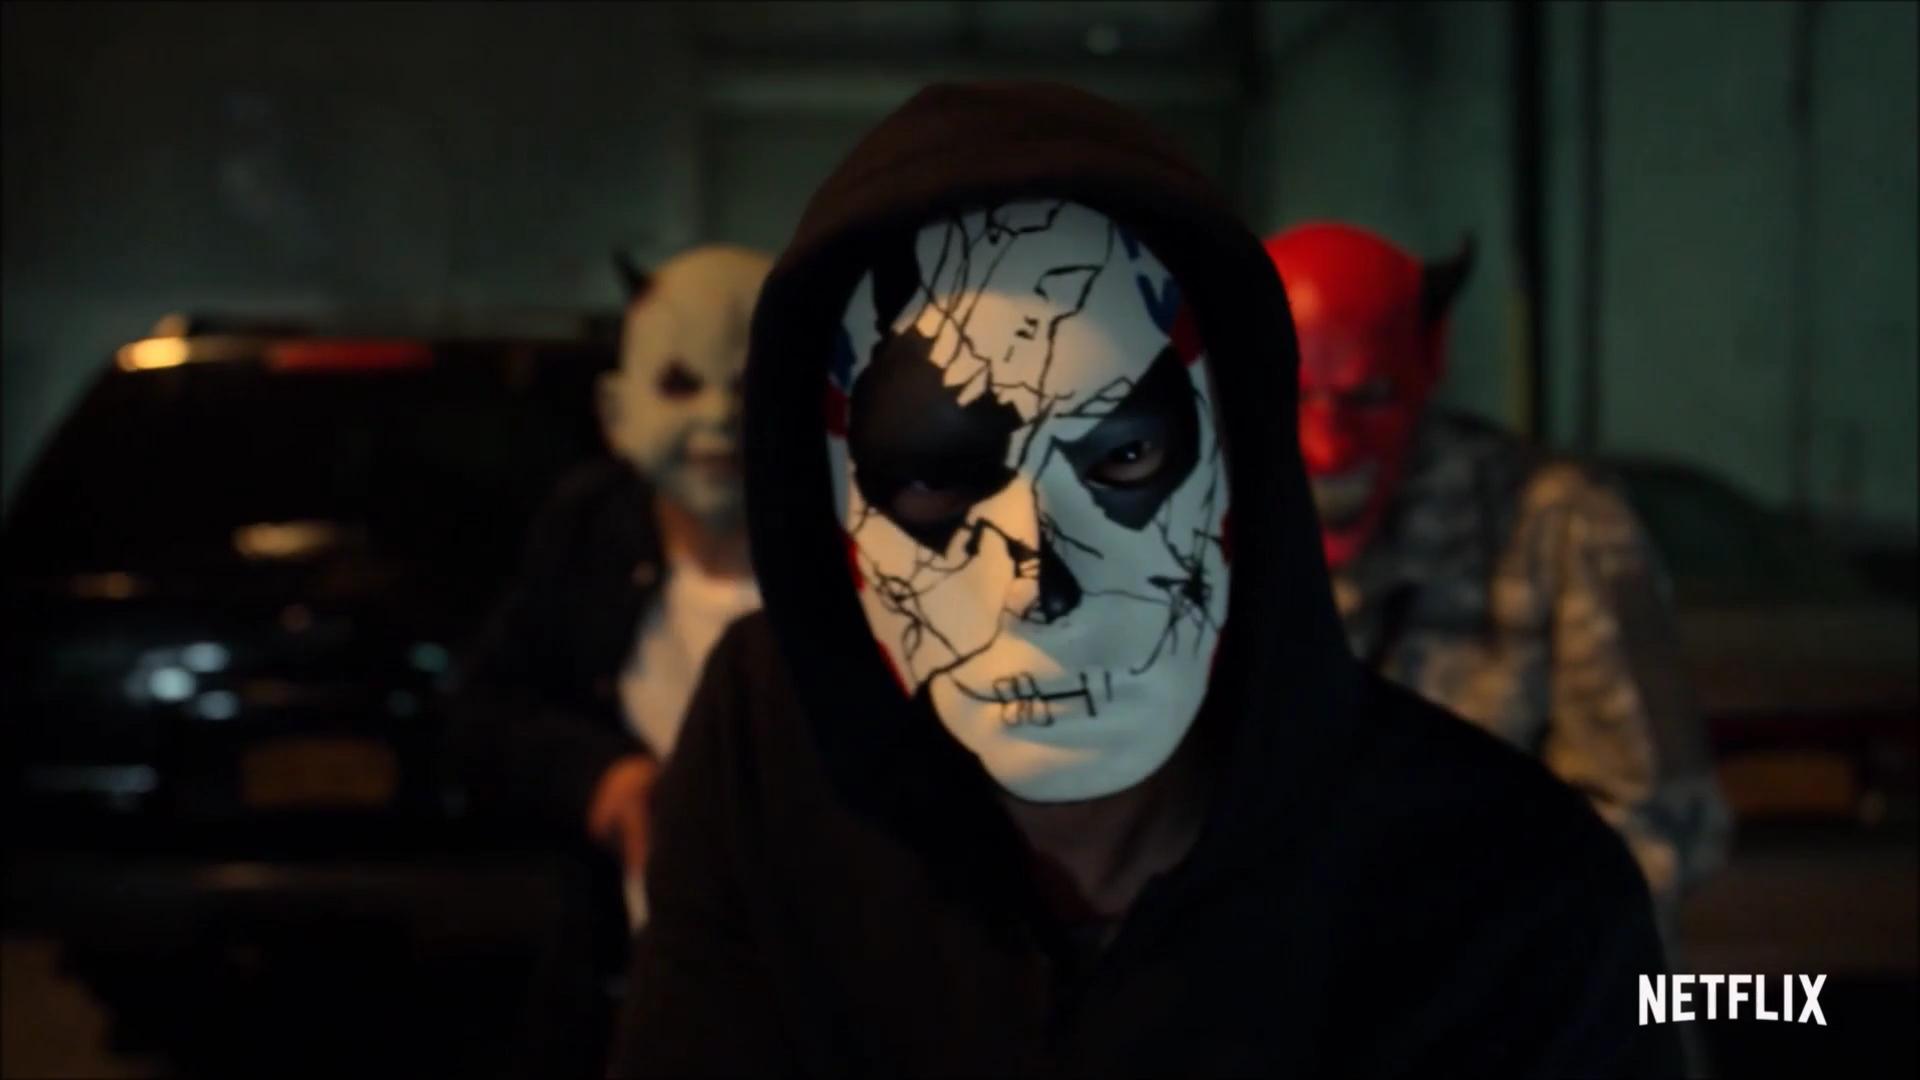 Season 2 Official Trailer